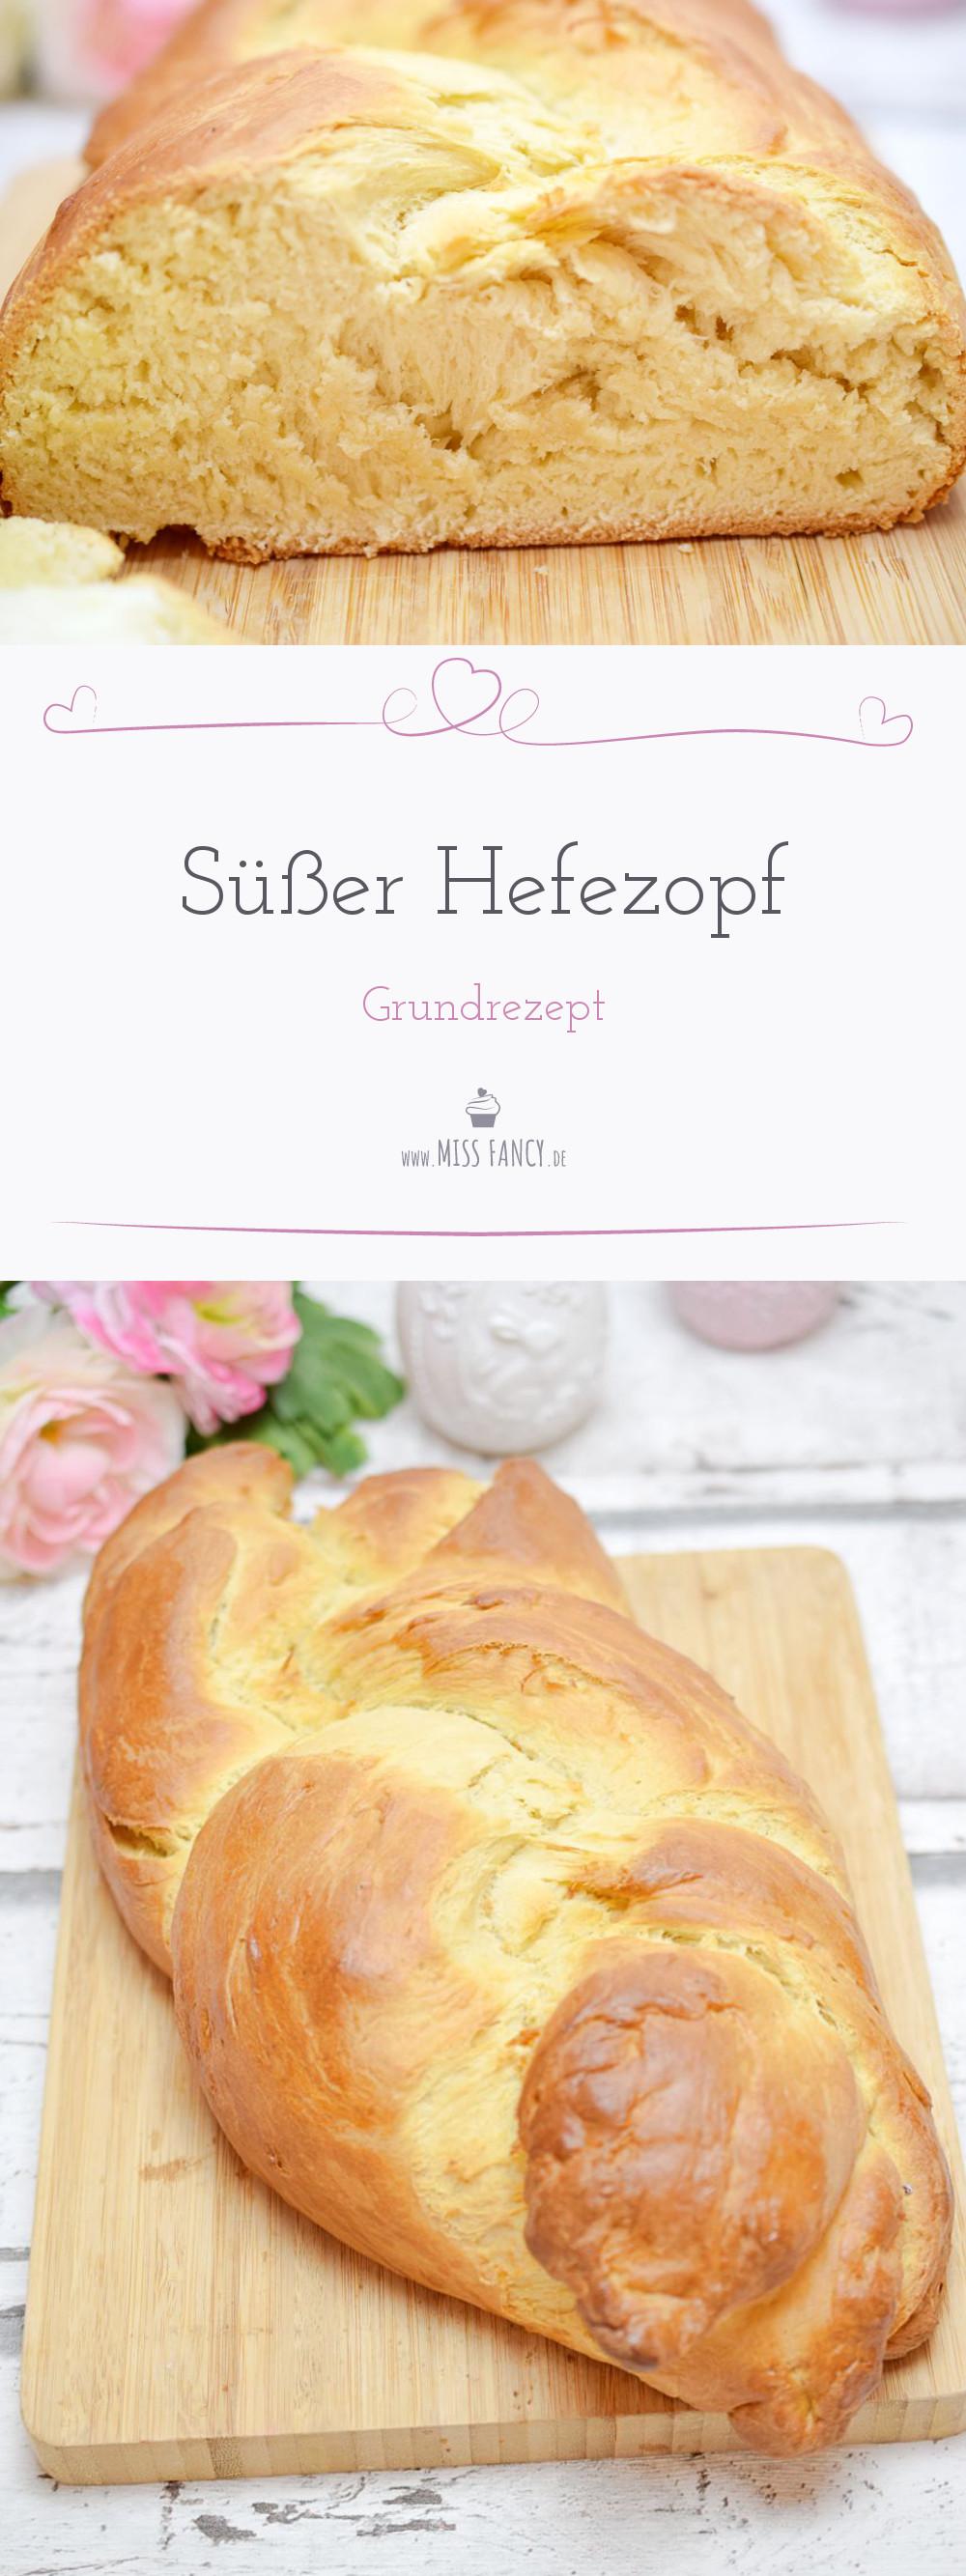 Hefezopf Grundrezept